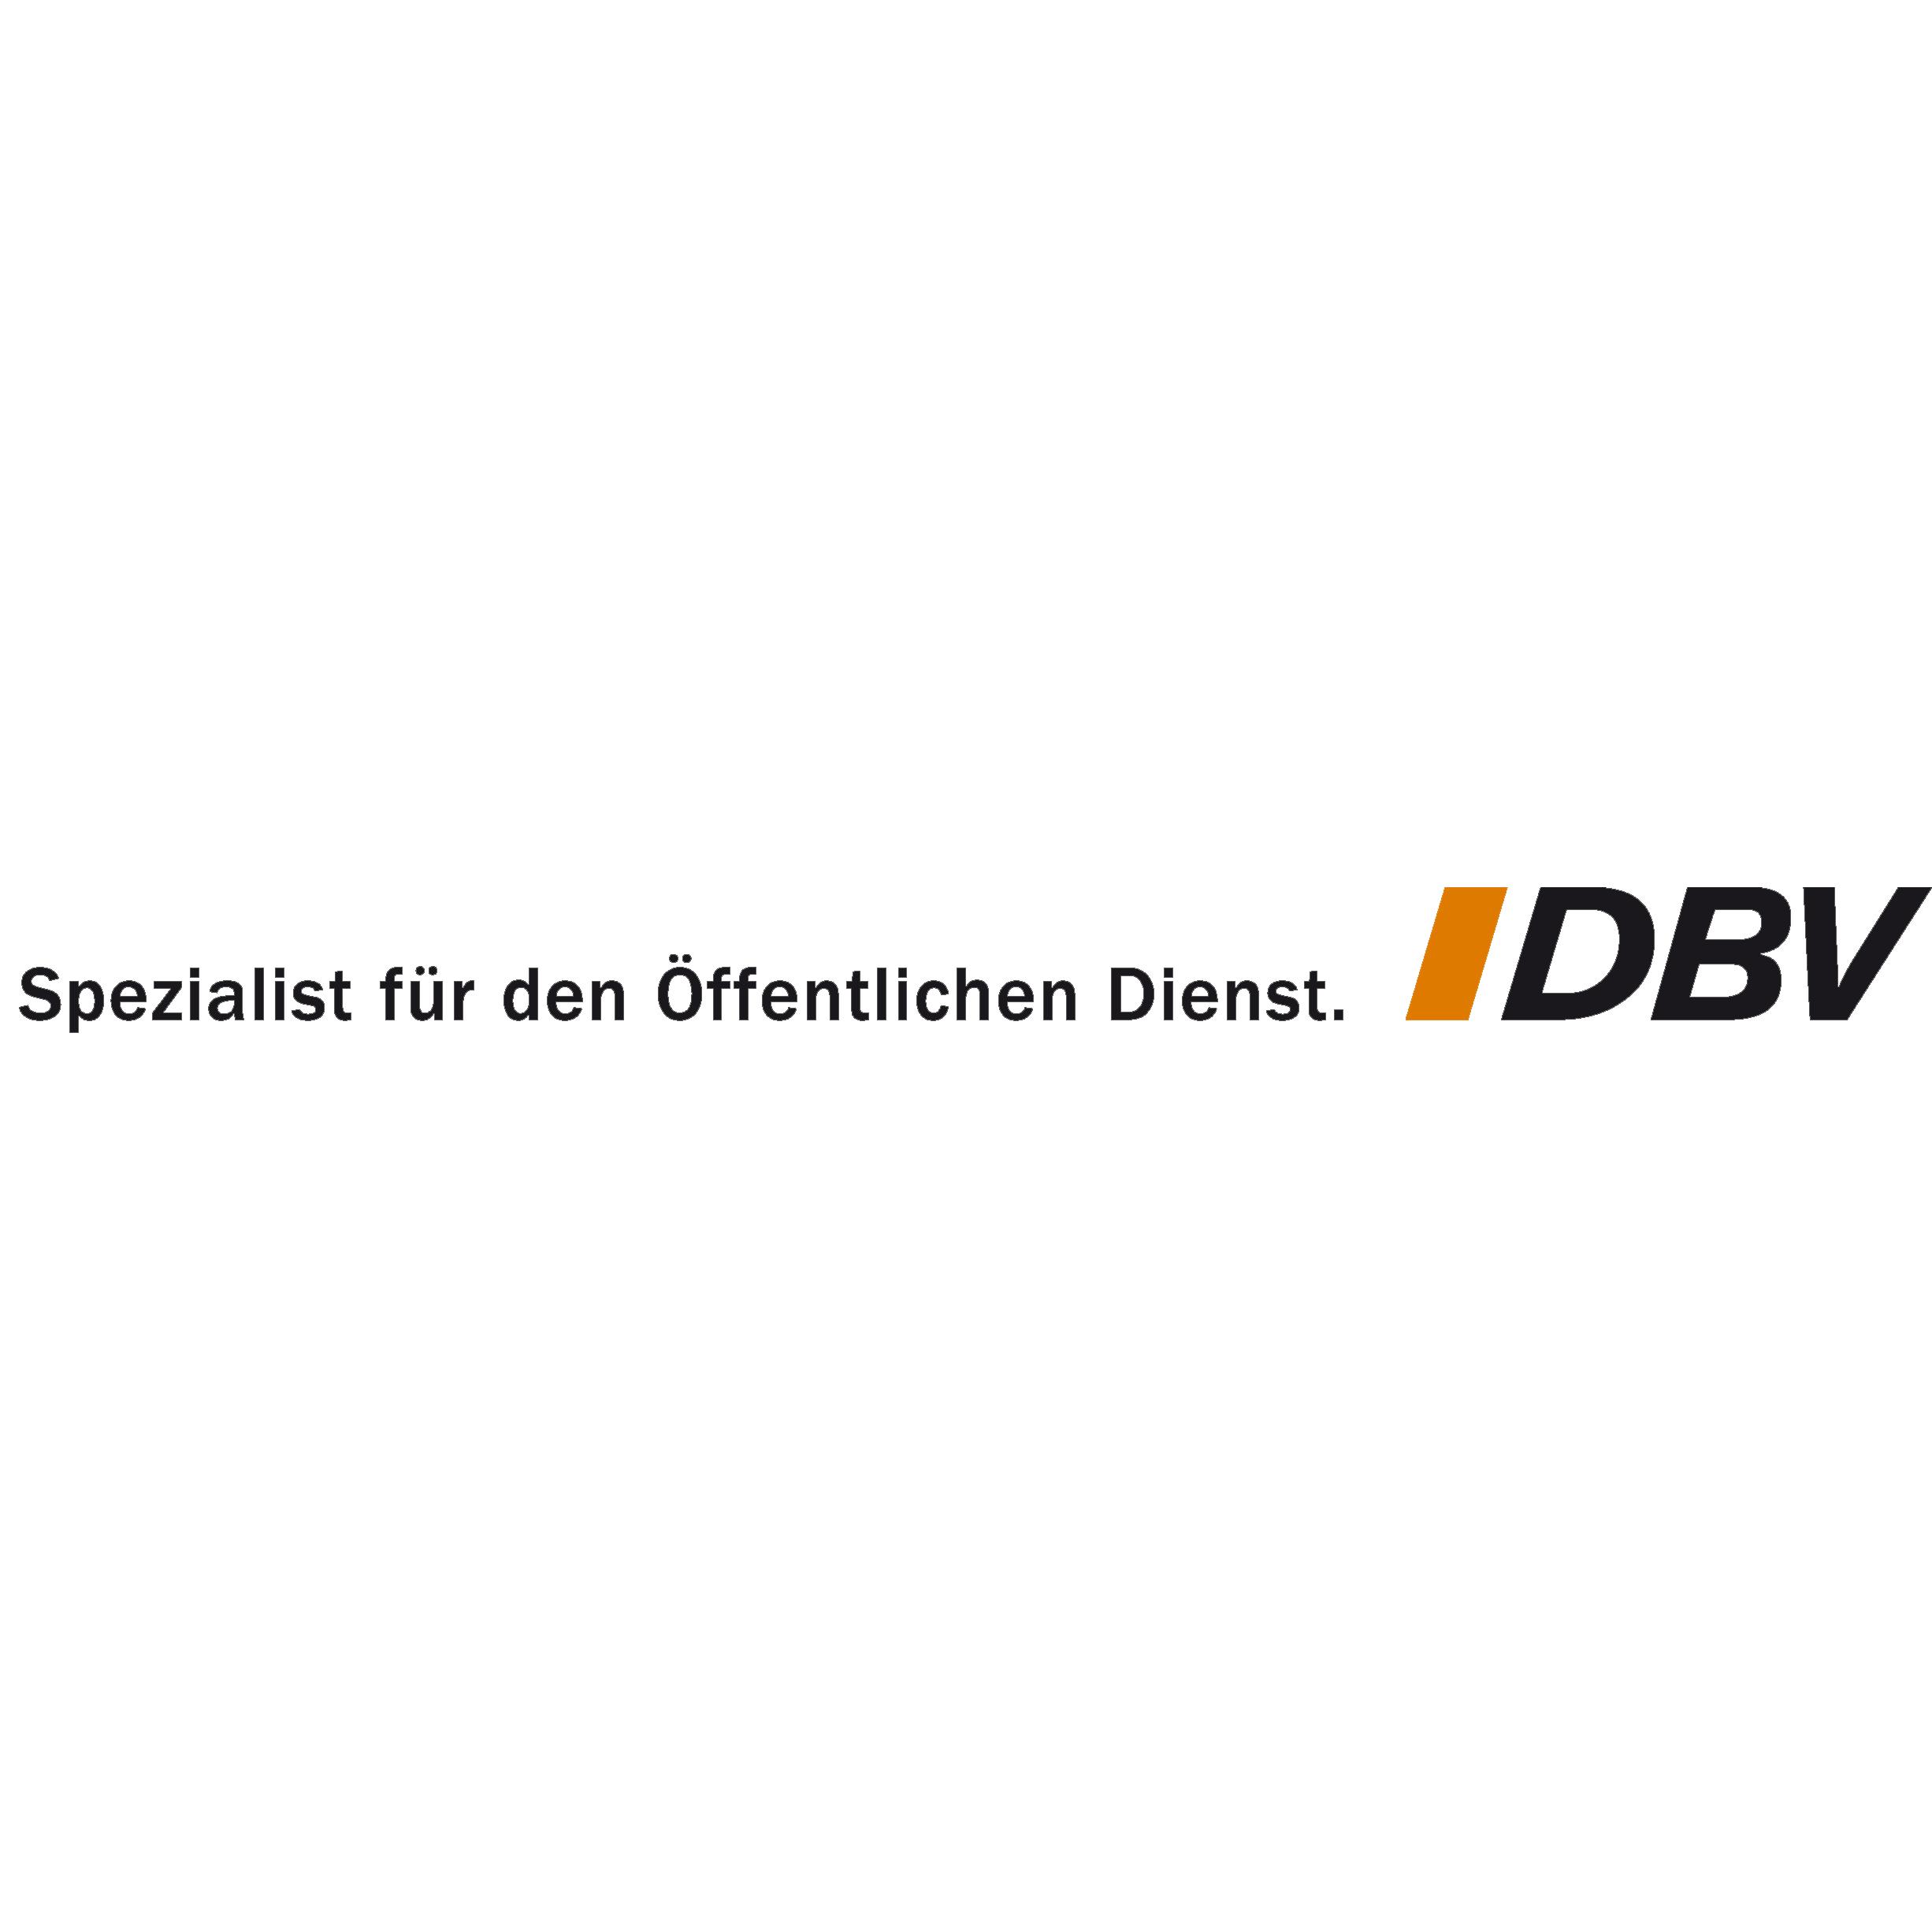 DBV Deutsche Beamtenversicherung Nils Andersen & Sven Lohe in Lübeck